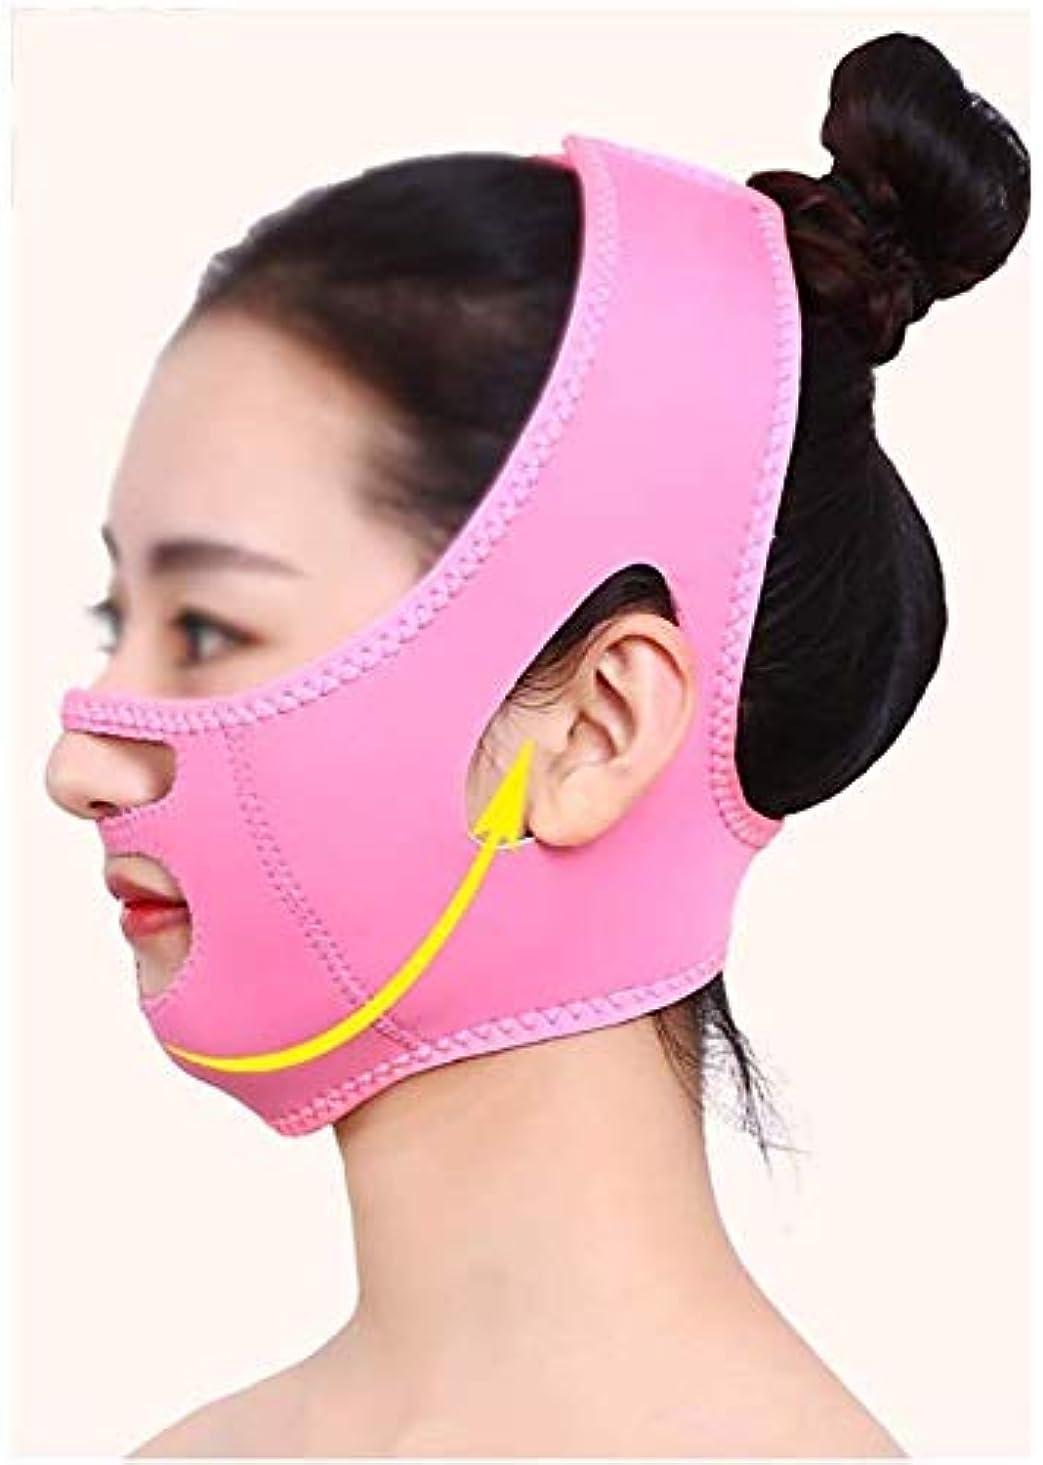 屋内で特別にアラーム美容と実用的なフェイスリフトマスク、フェイシャルマスク薄い顔マシン美容器具ローラー顔面薄い顔Vフェイスマスクダブルあご包帯アーティファクト